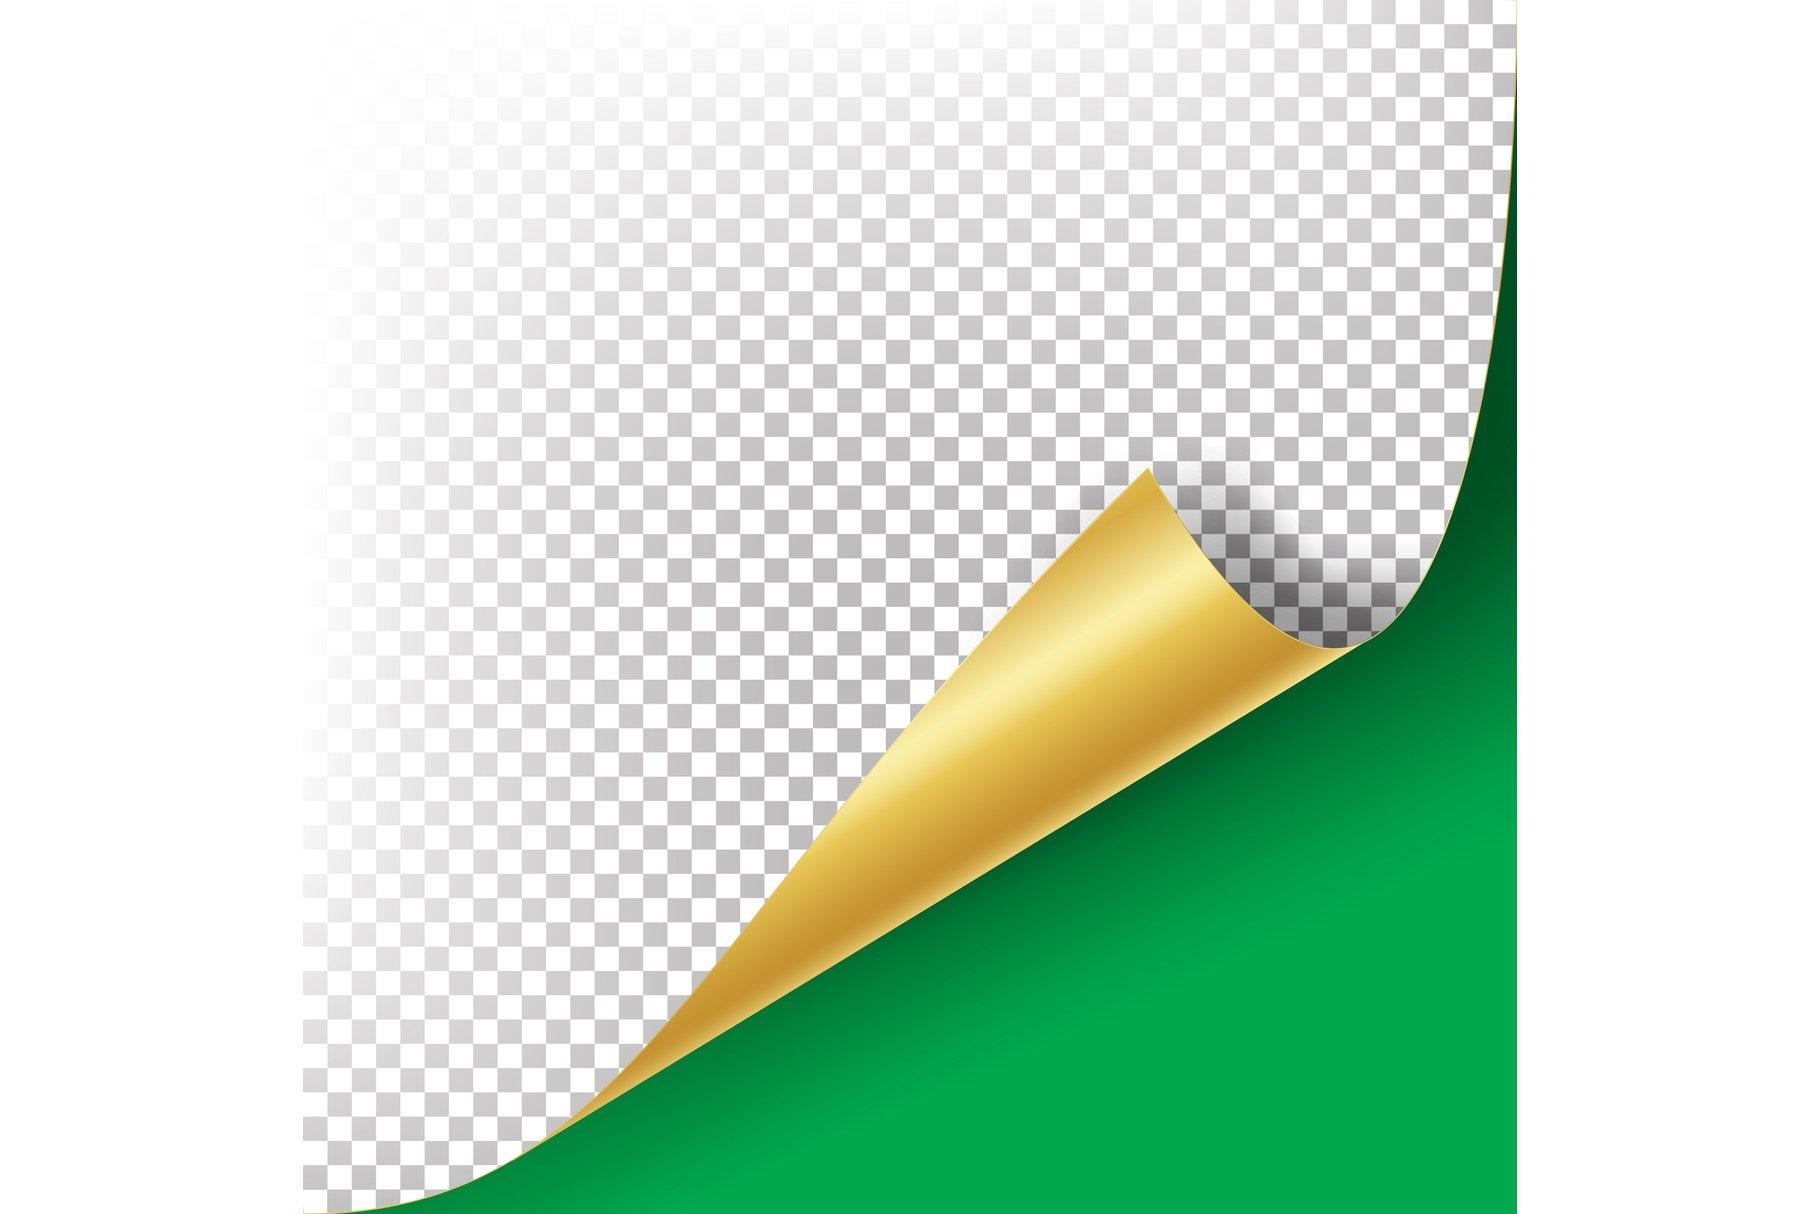 Curled Golden Metalic Corner Vector example image 1